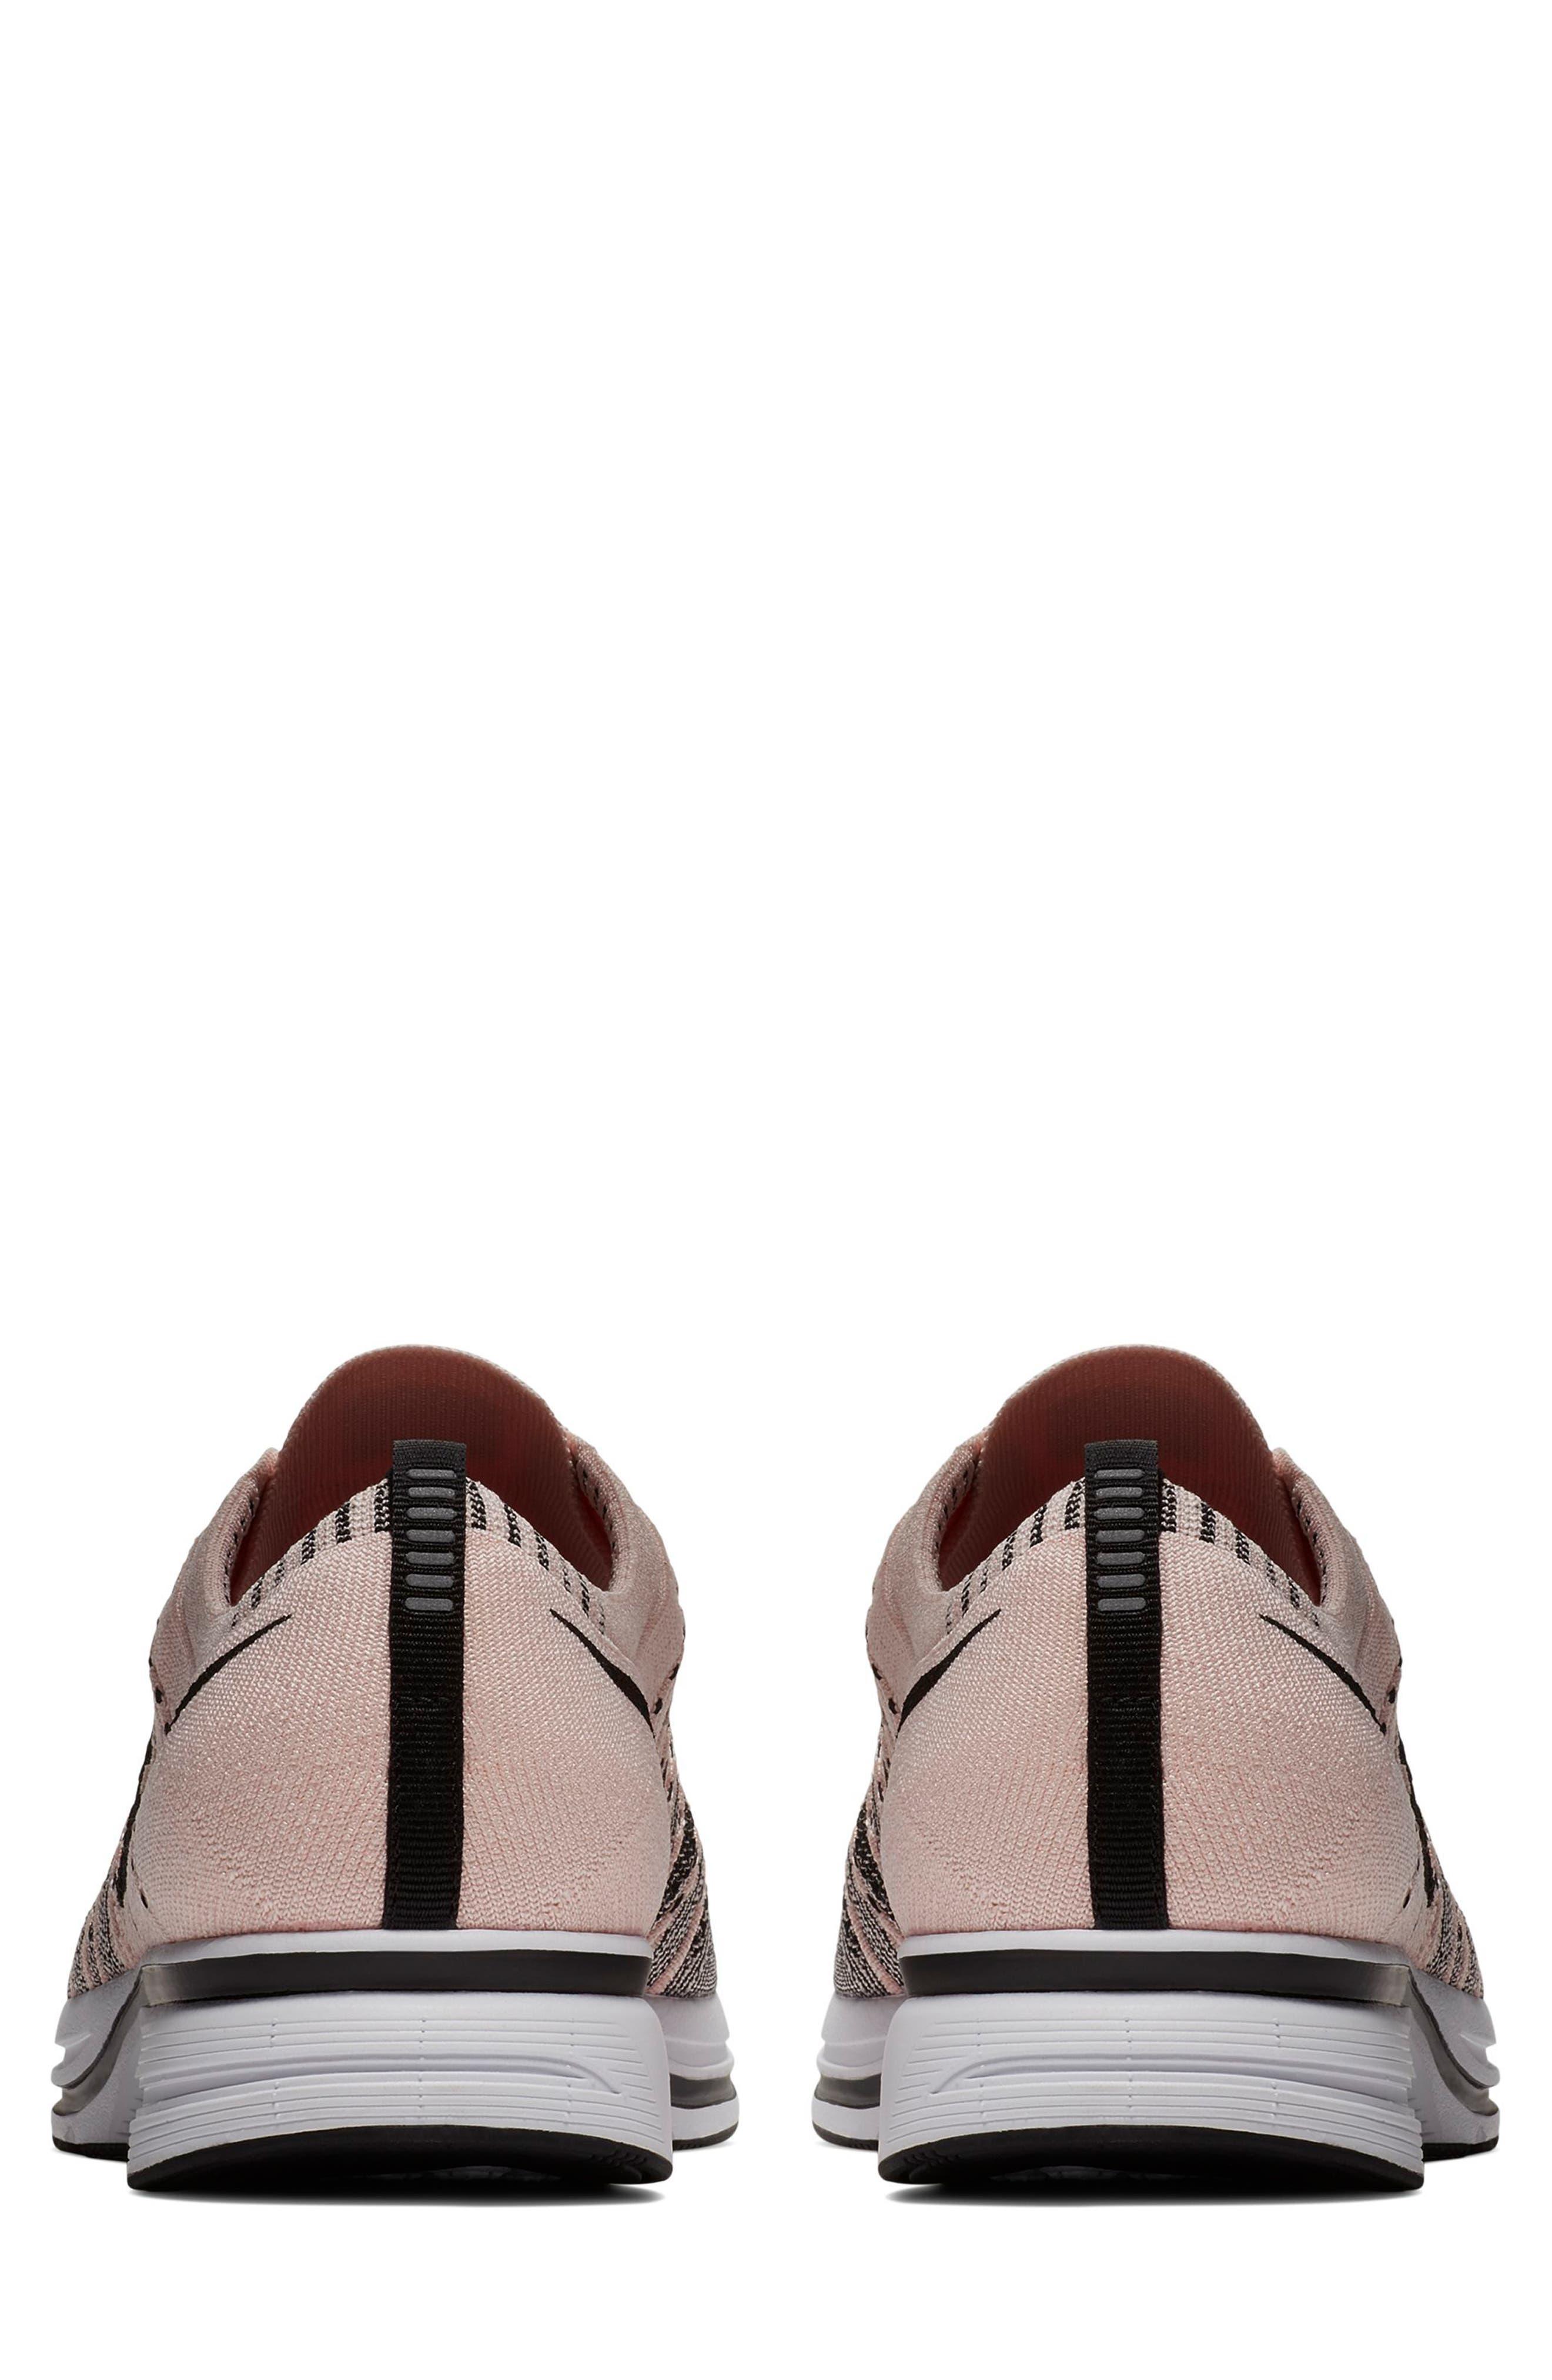 NikeLab Flyknit Trainer Sneaker,                             Alternate thumbnail 6, color,                             Sunset Tint/Black-White